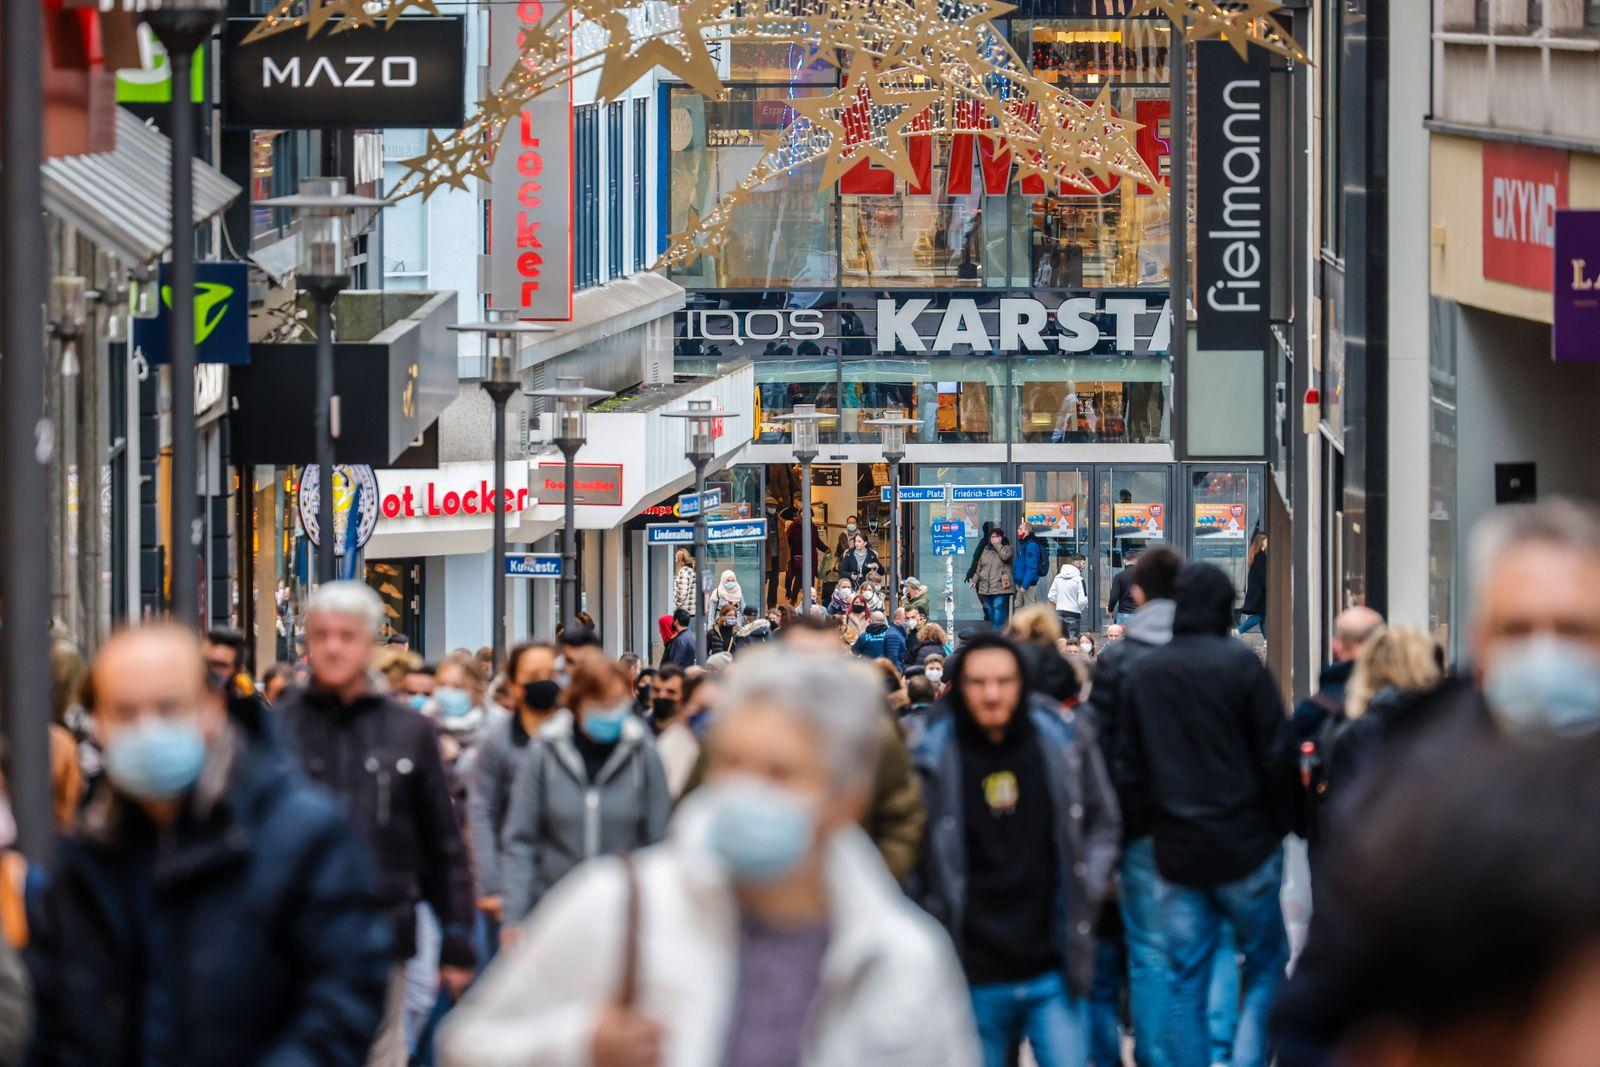 Essen, Ruhrgebiet, Nordrhein-Westfalen, Deutschland - Essener Innenstadt in Zeiten der Coronakrise beim zweiten Teil Loc